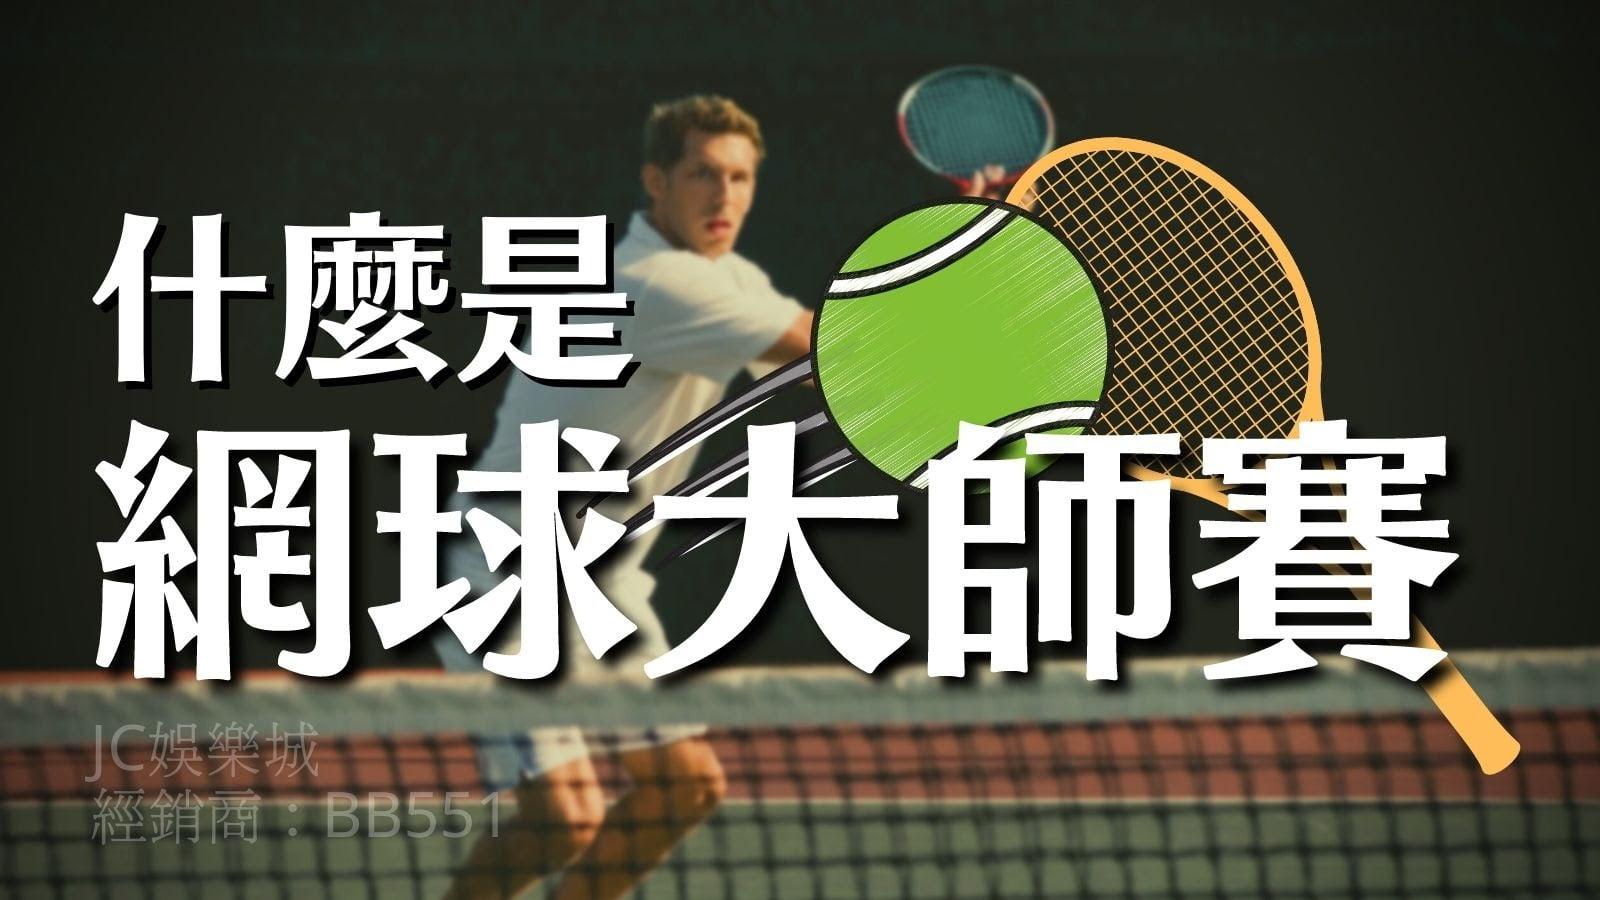 網球大師賽